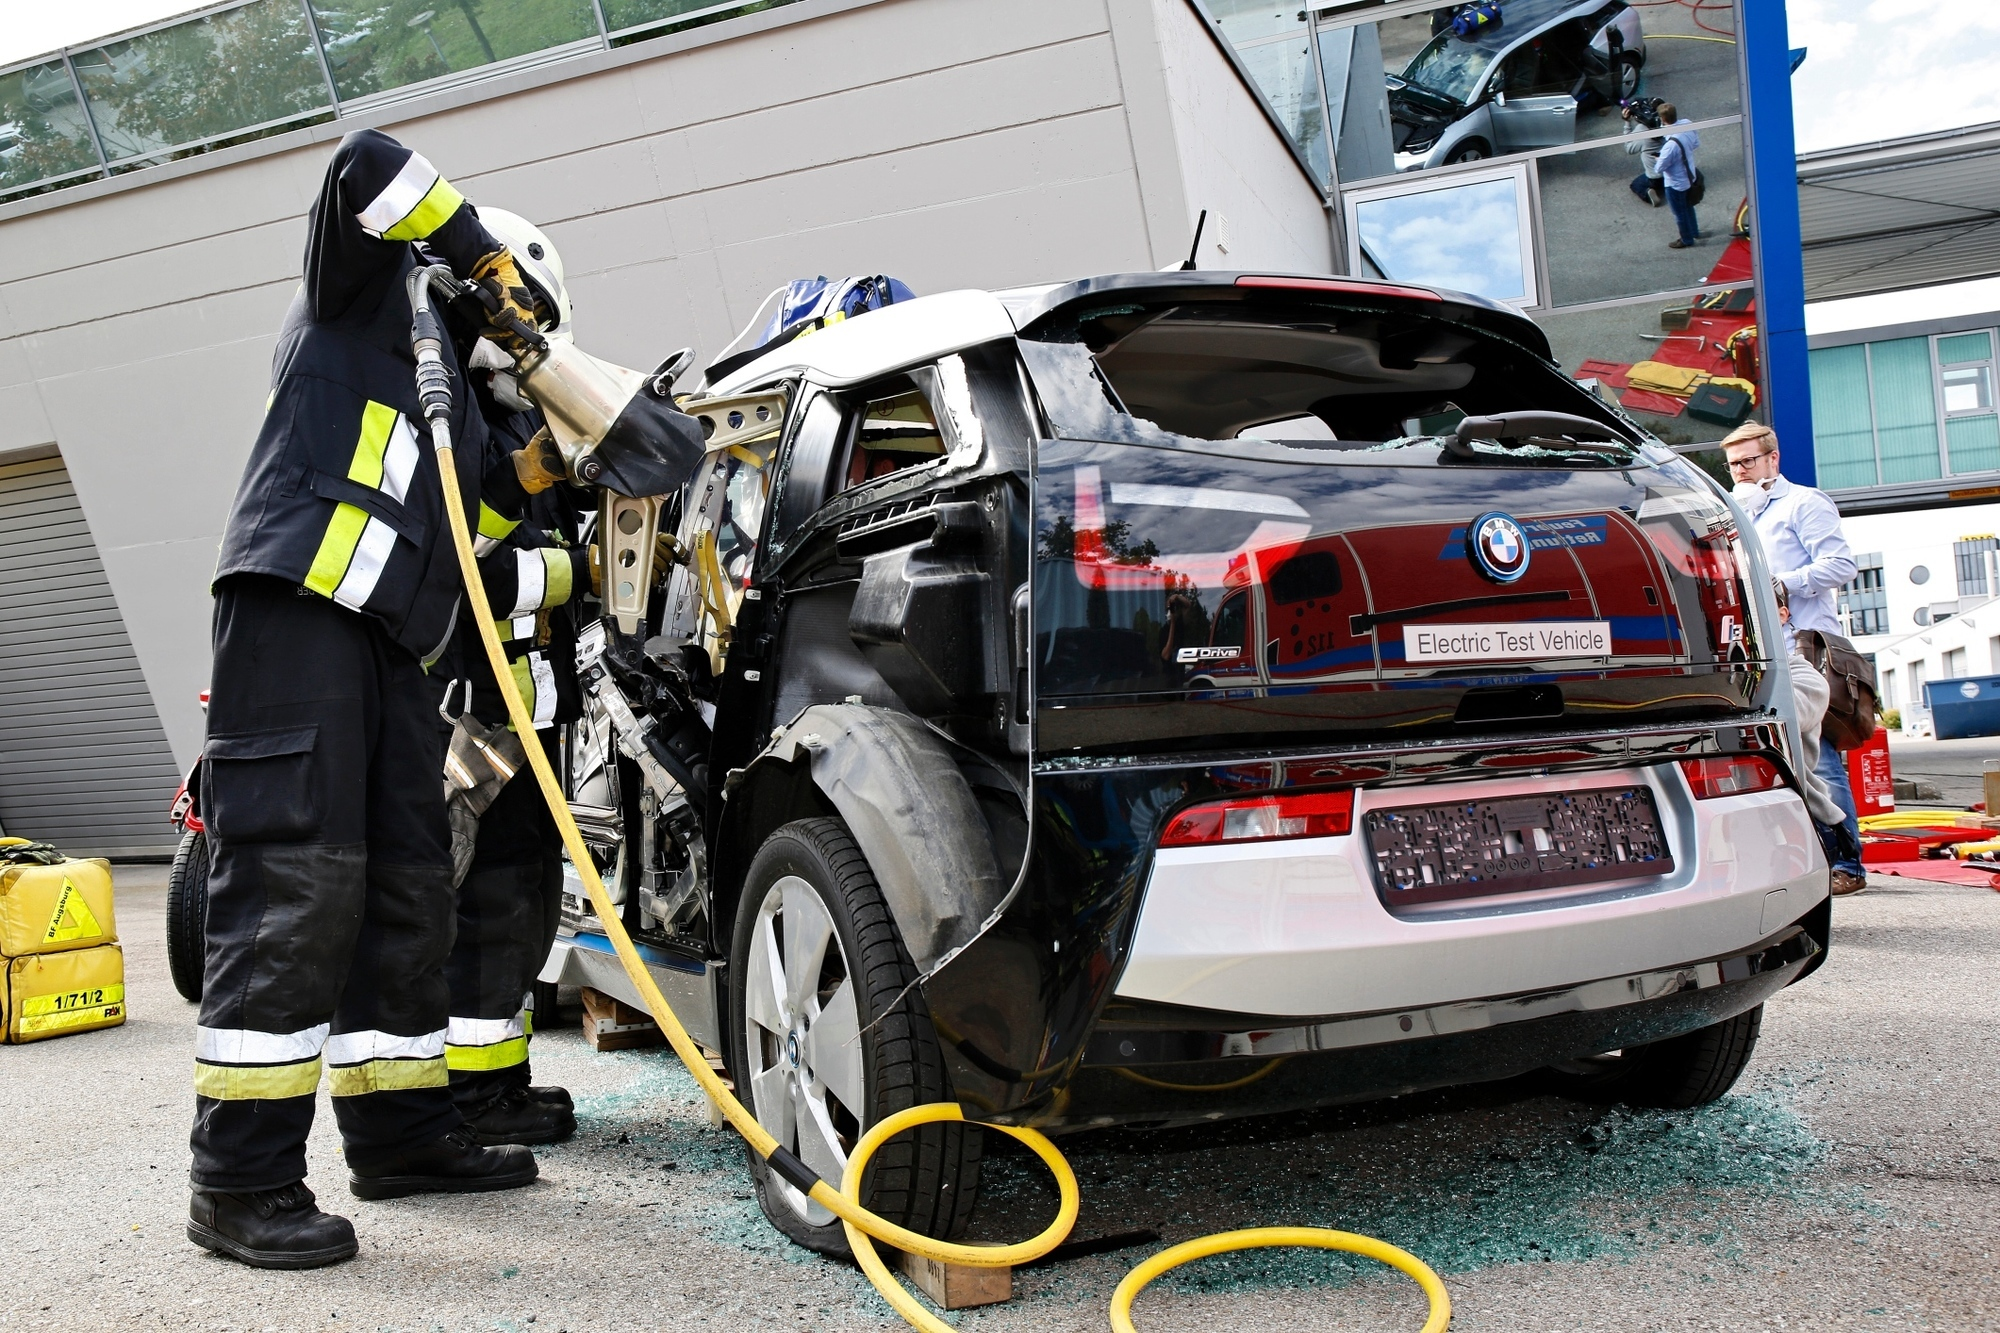 Rettung aus einem Carbon-Fahrzeug - Gesplitterte Erkenntnisse